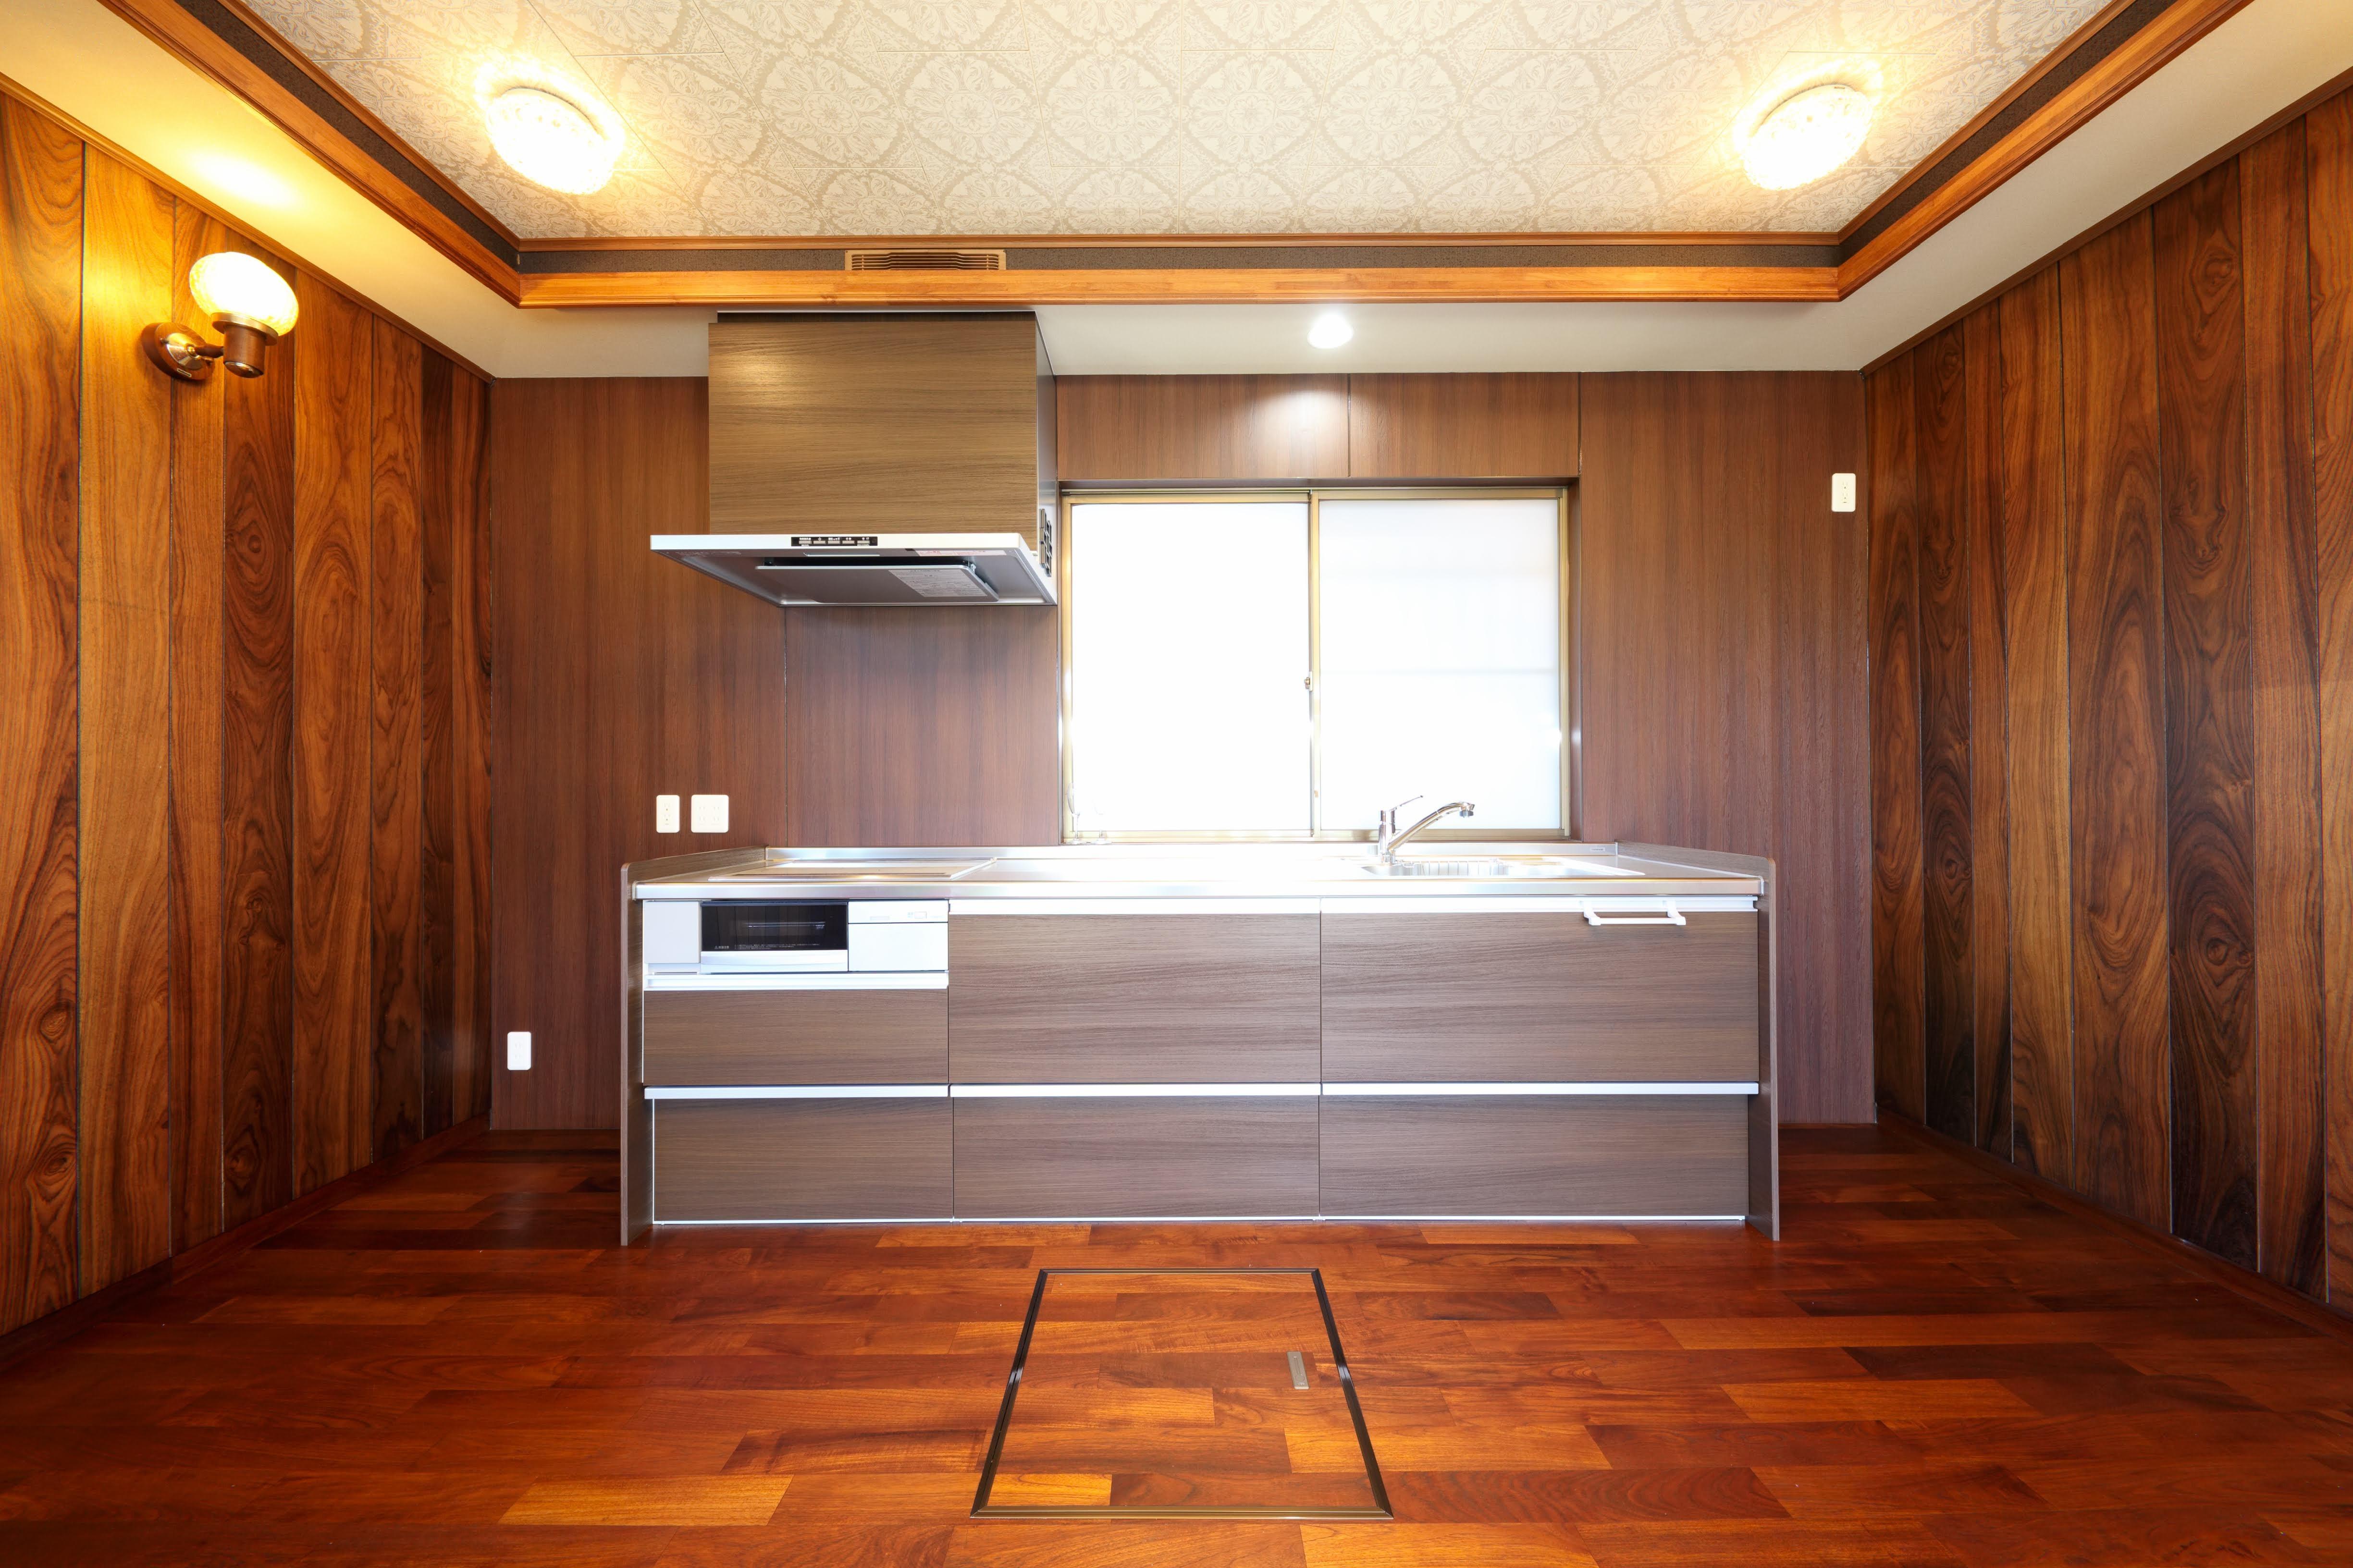 キッチン事例:キッチン(縁側で夏を感じる家)